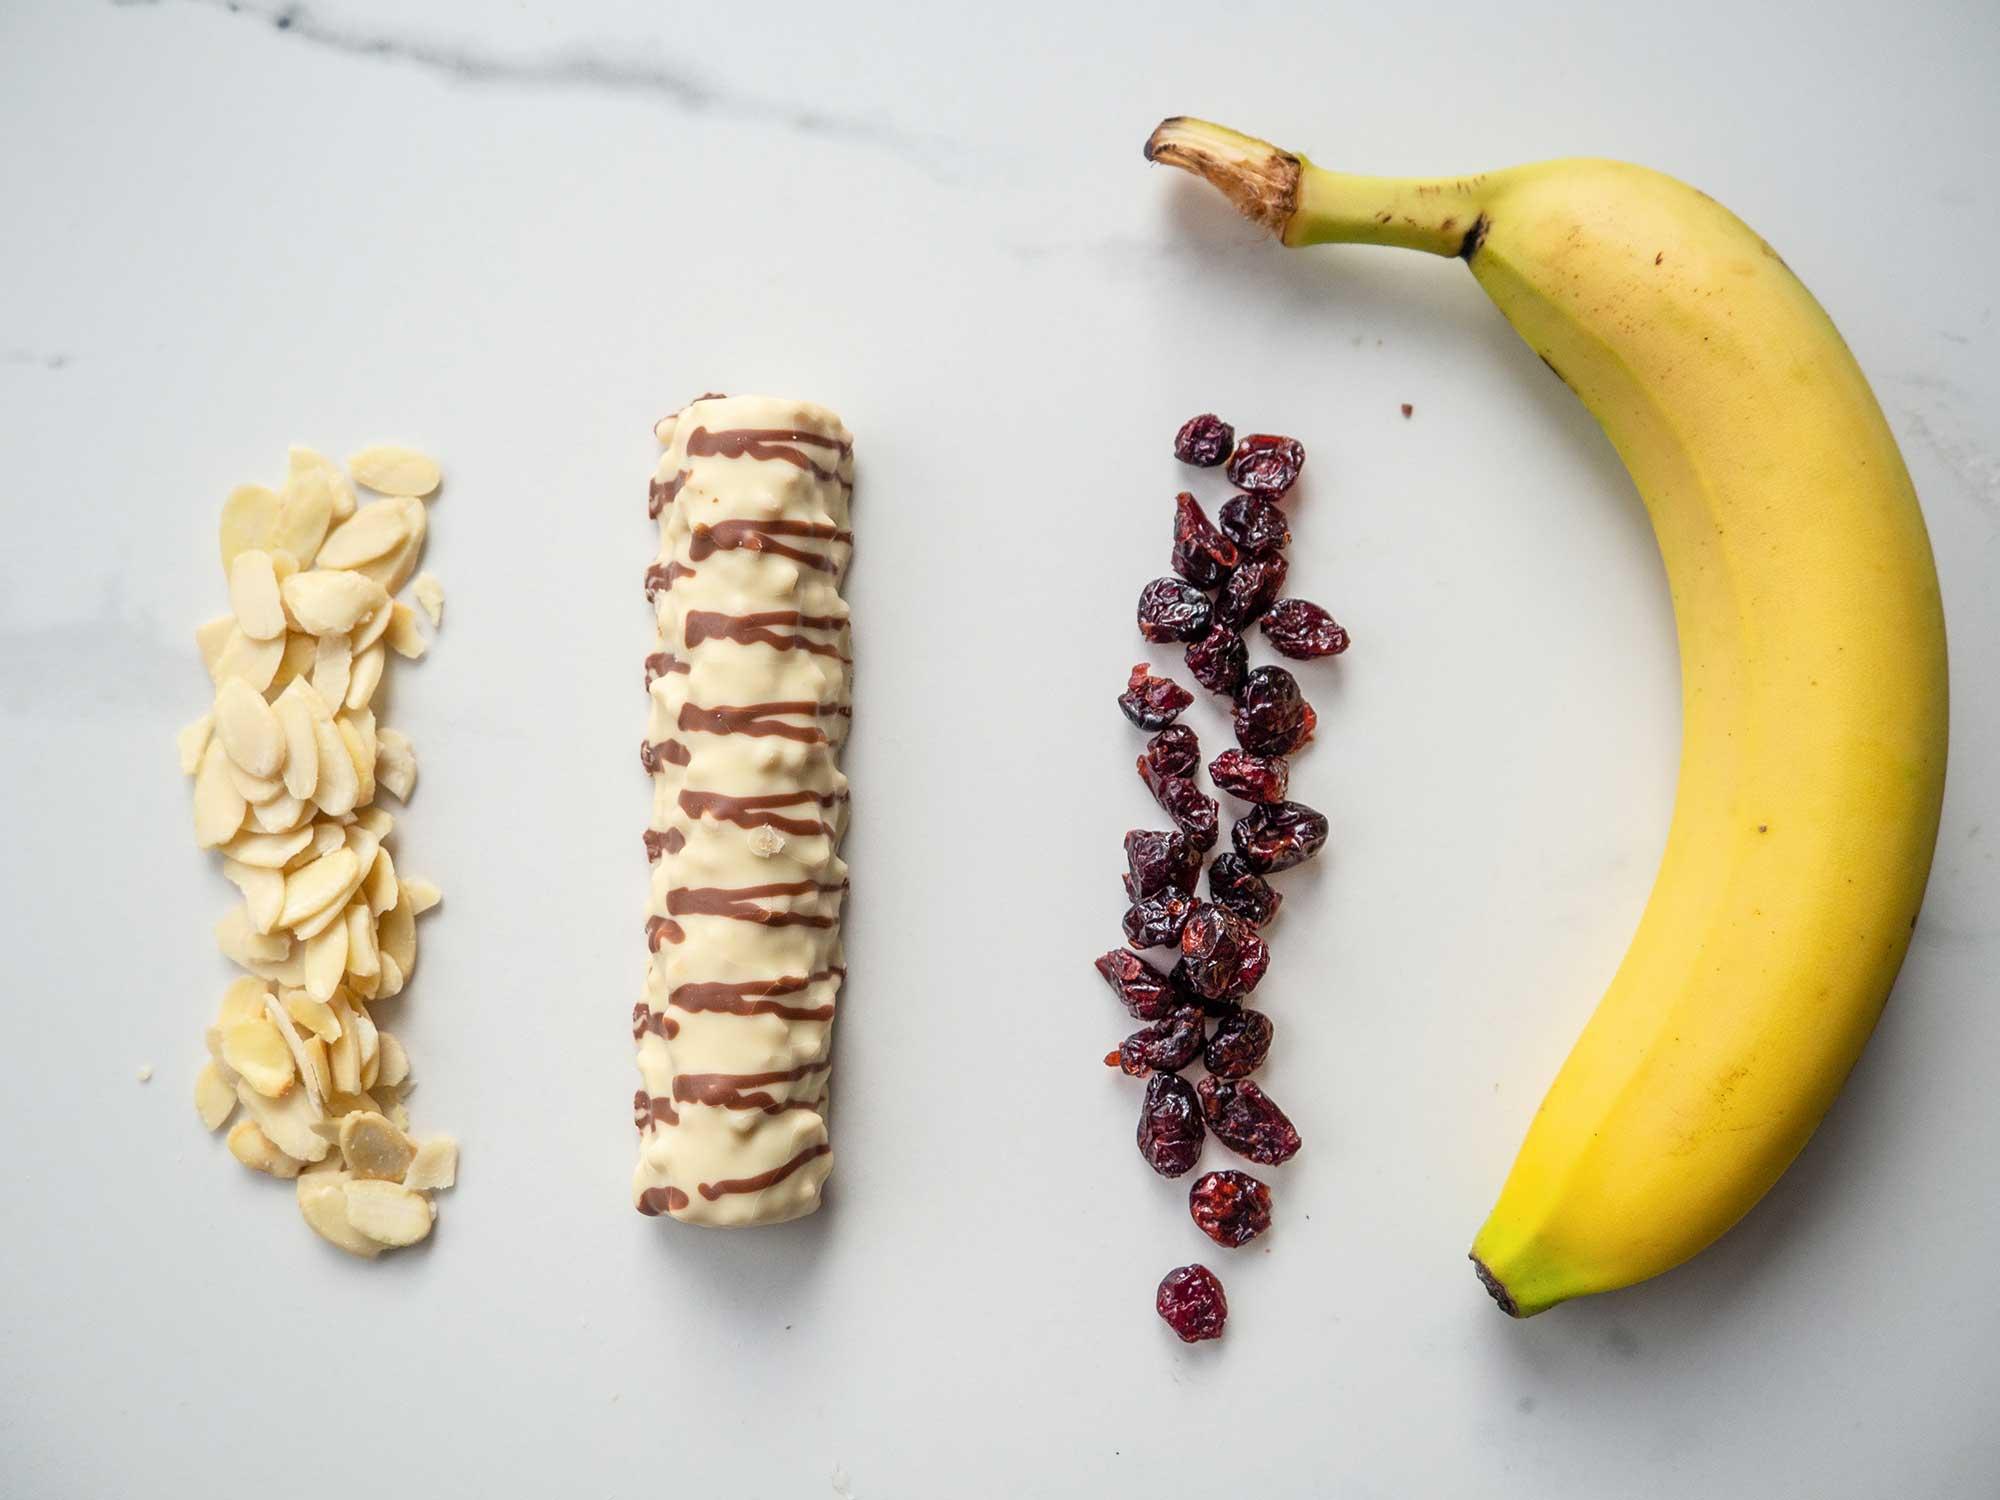 Snack vs meal